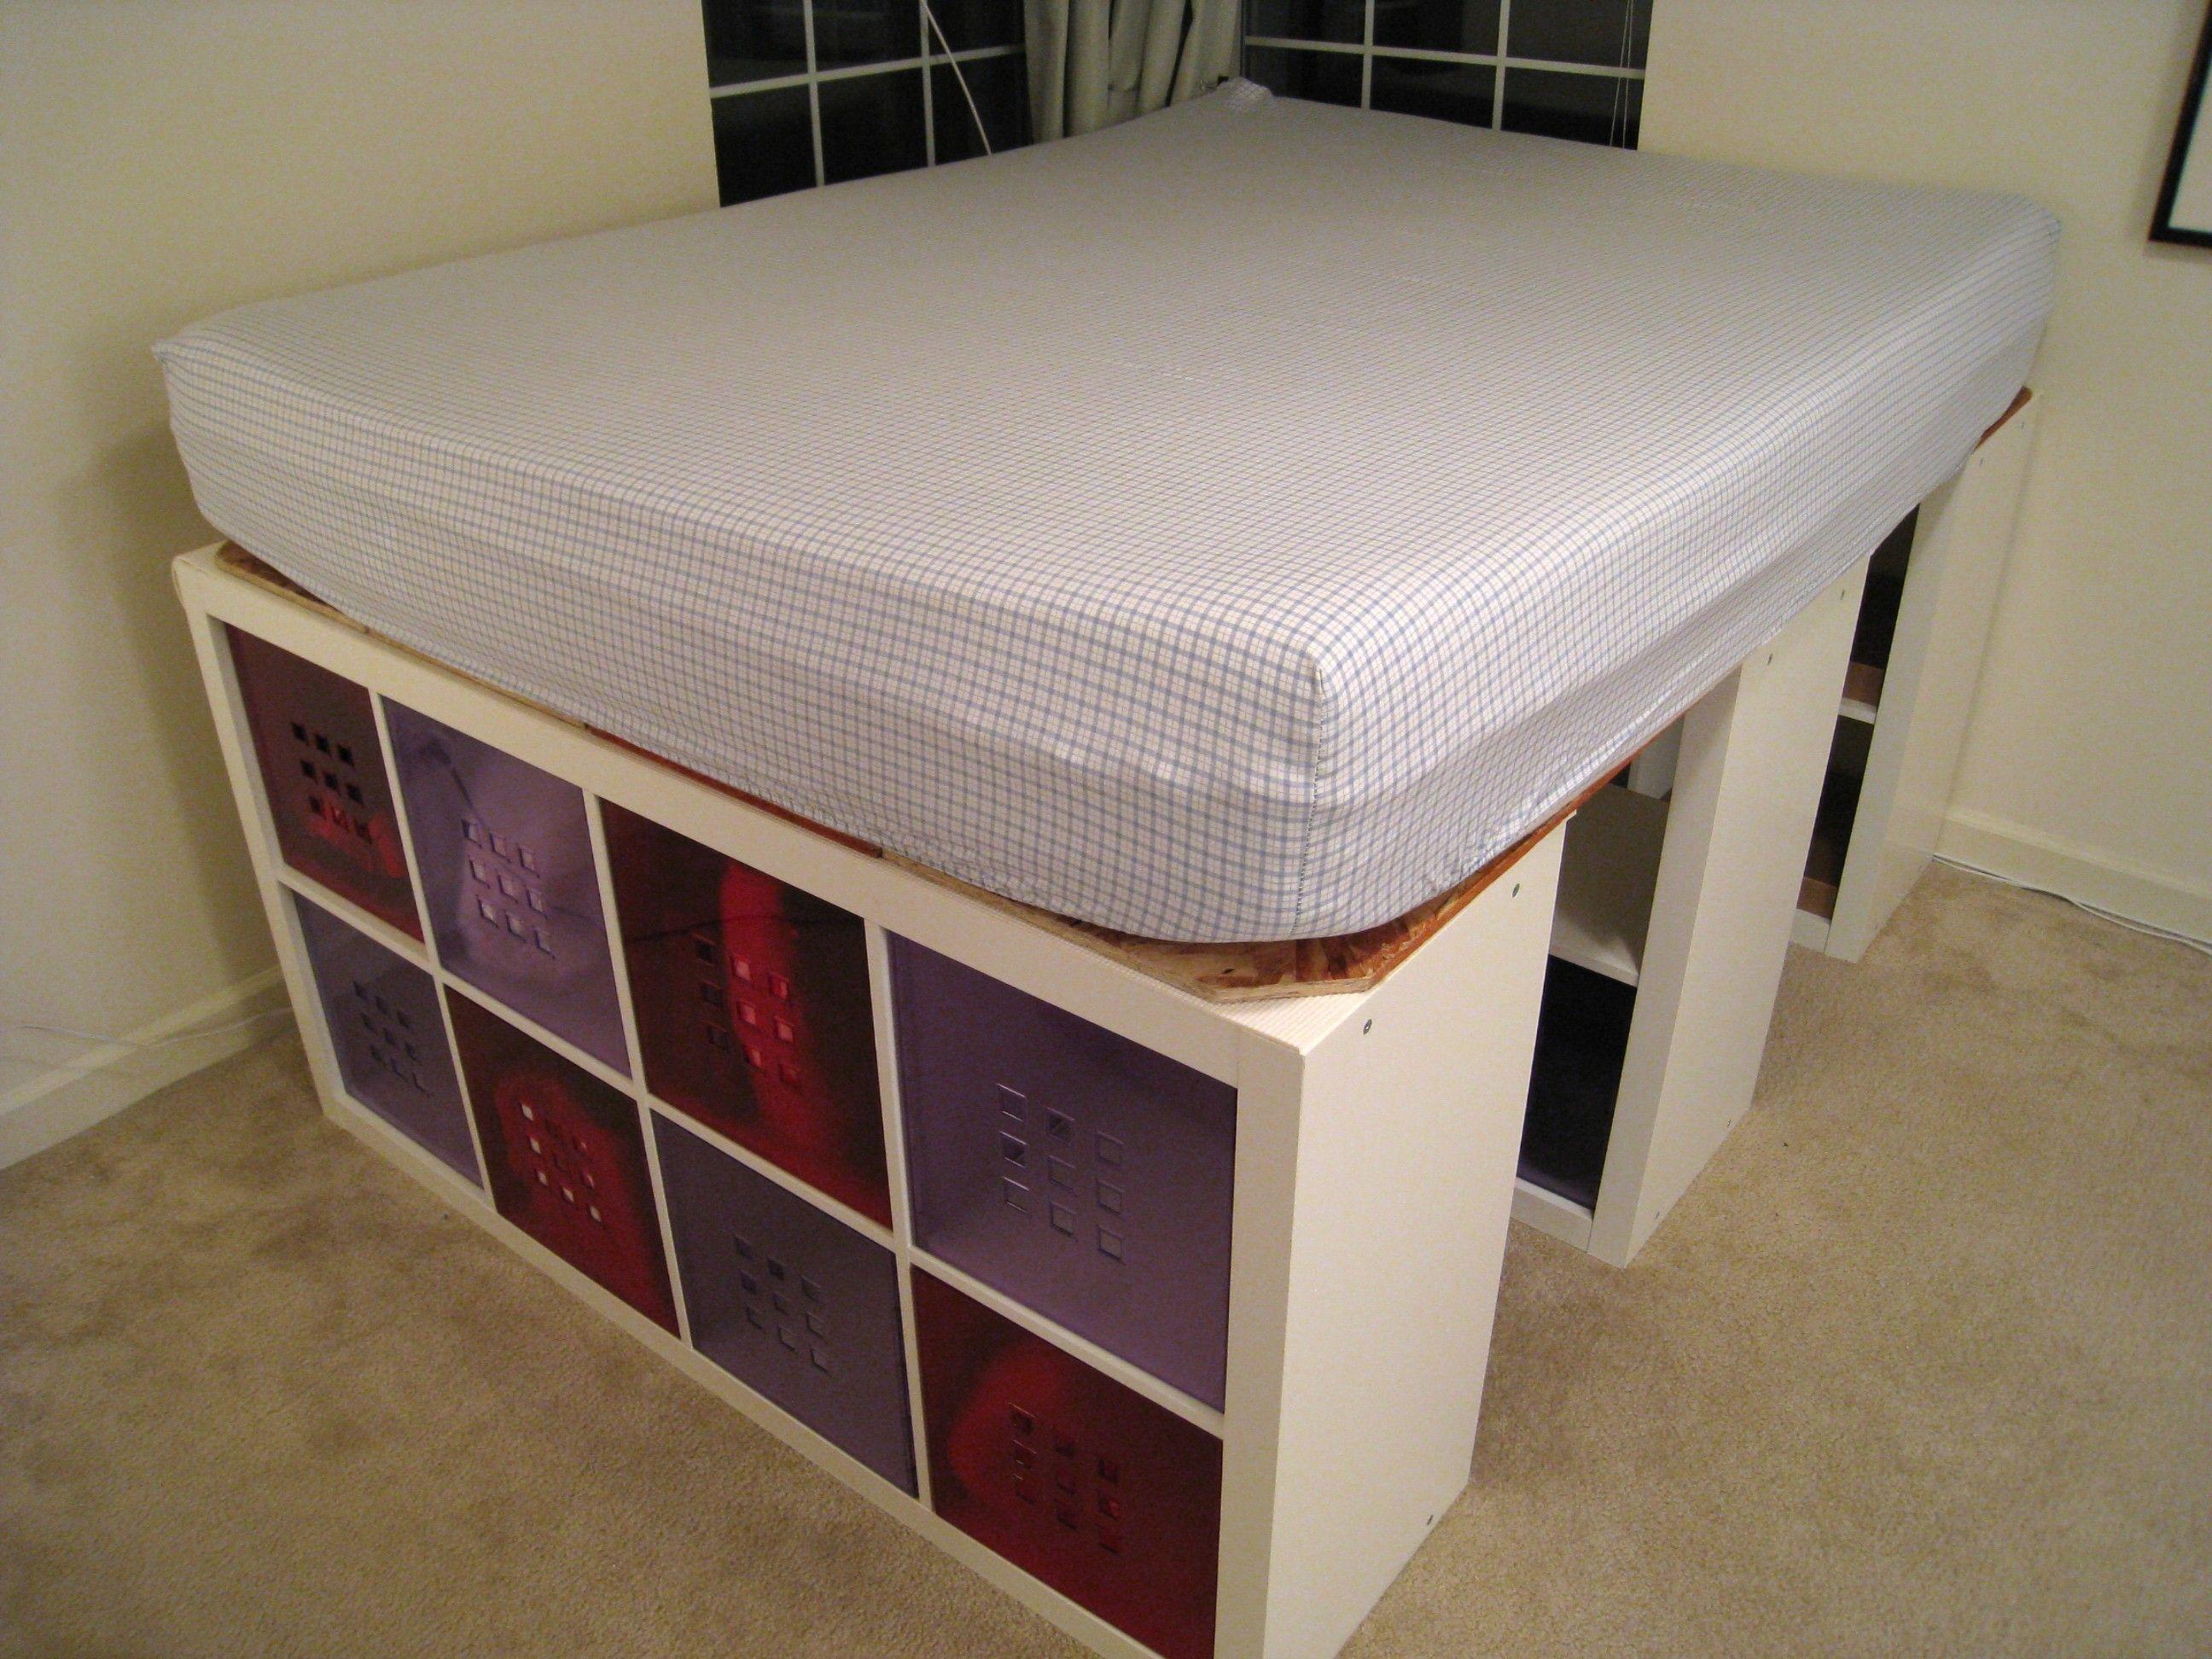 King Size Speicher Bett Mit Matratze Plattform Bett Mit